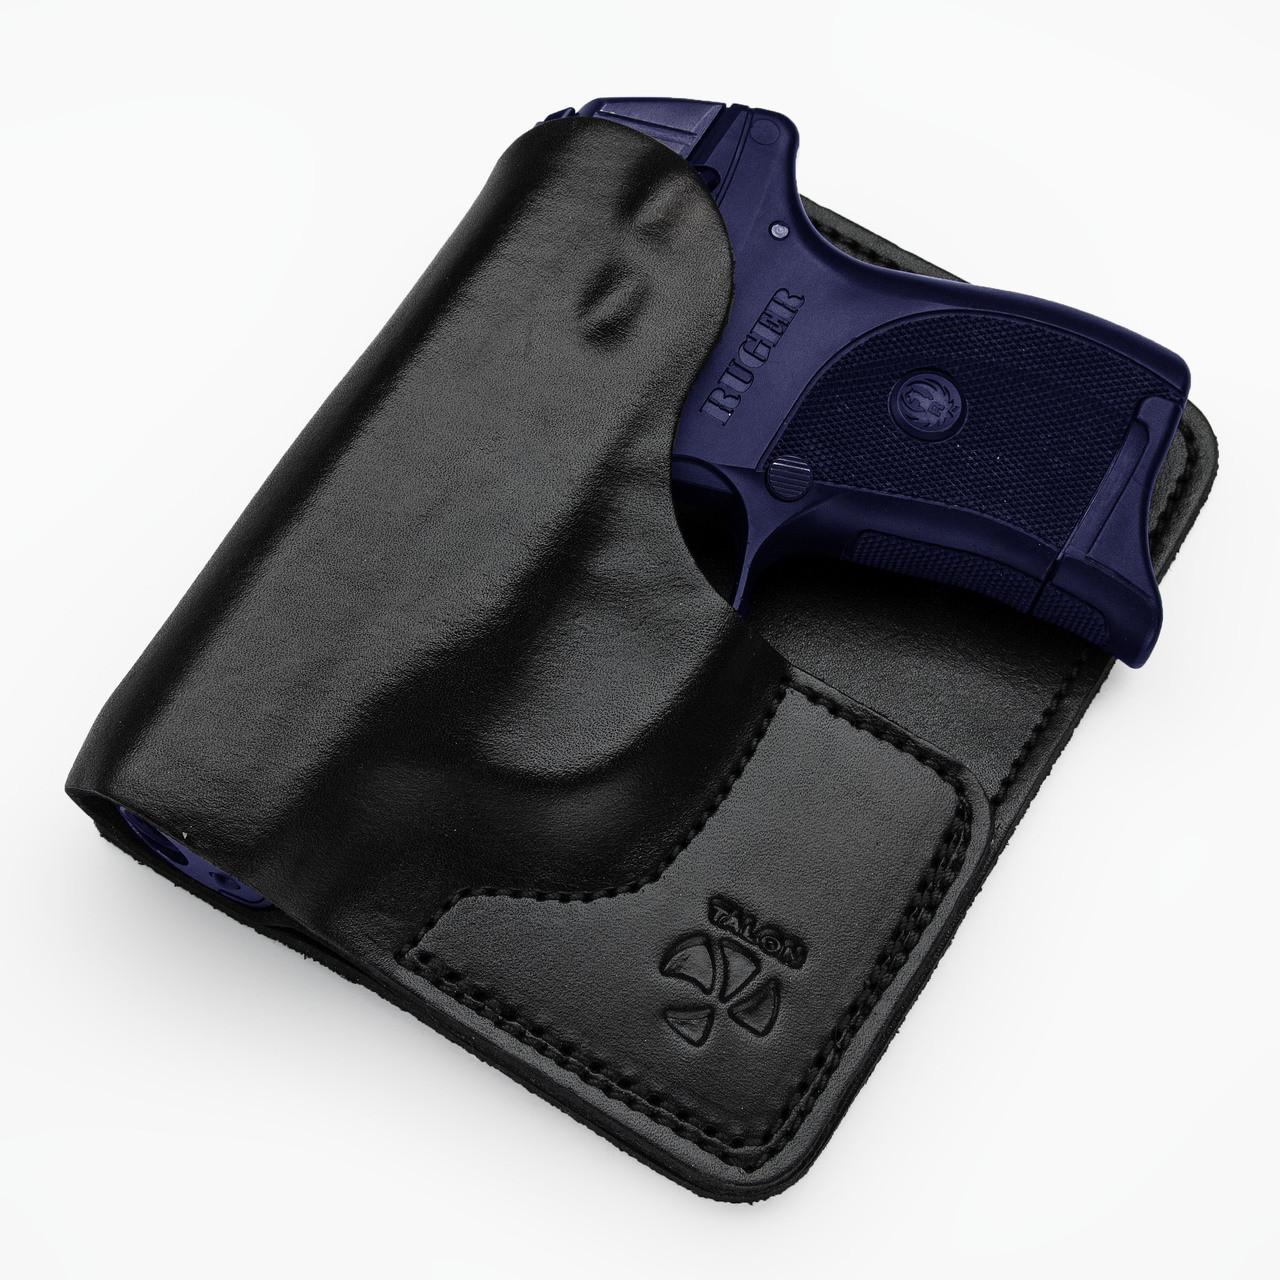 Fist pocket holster